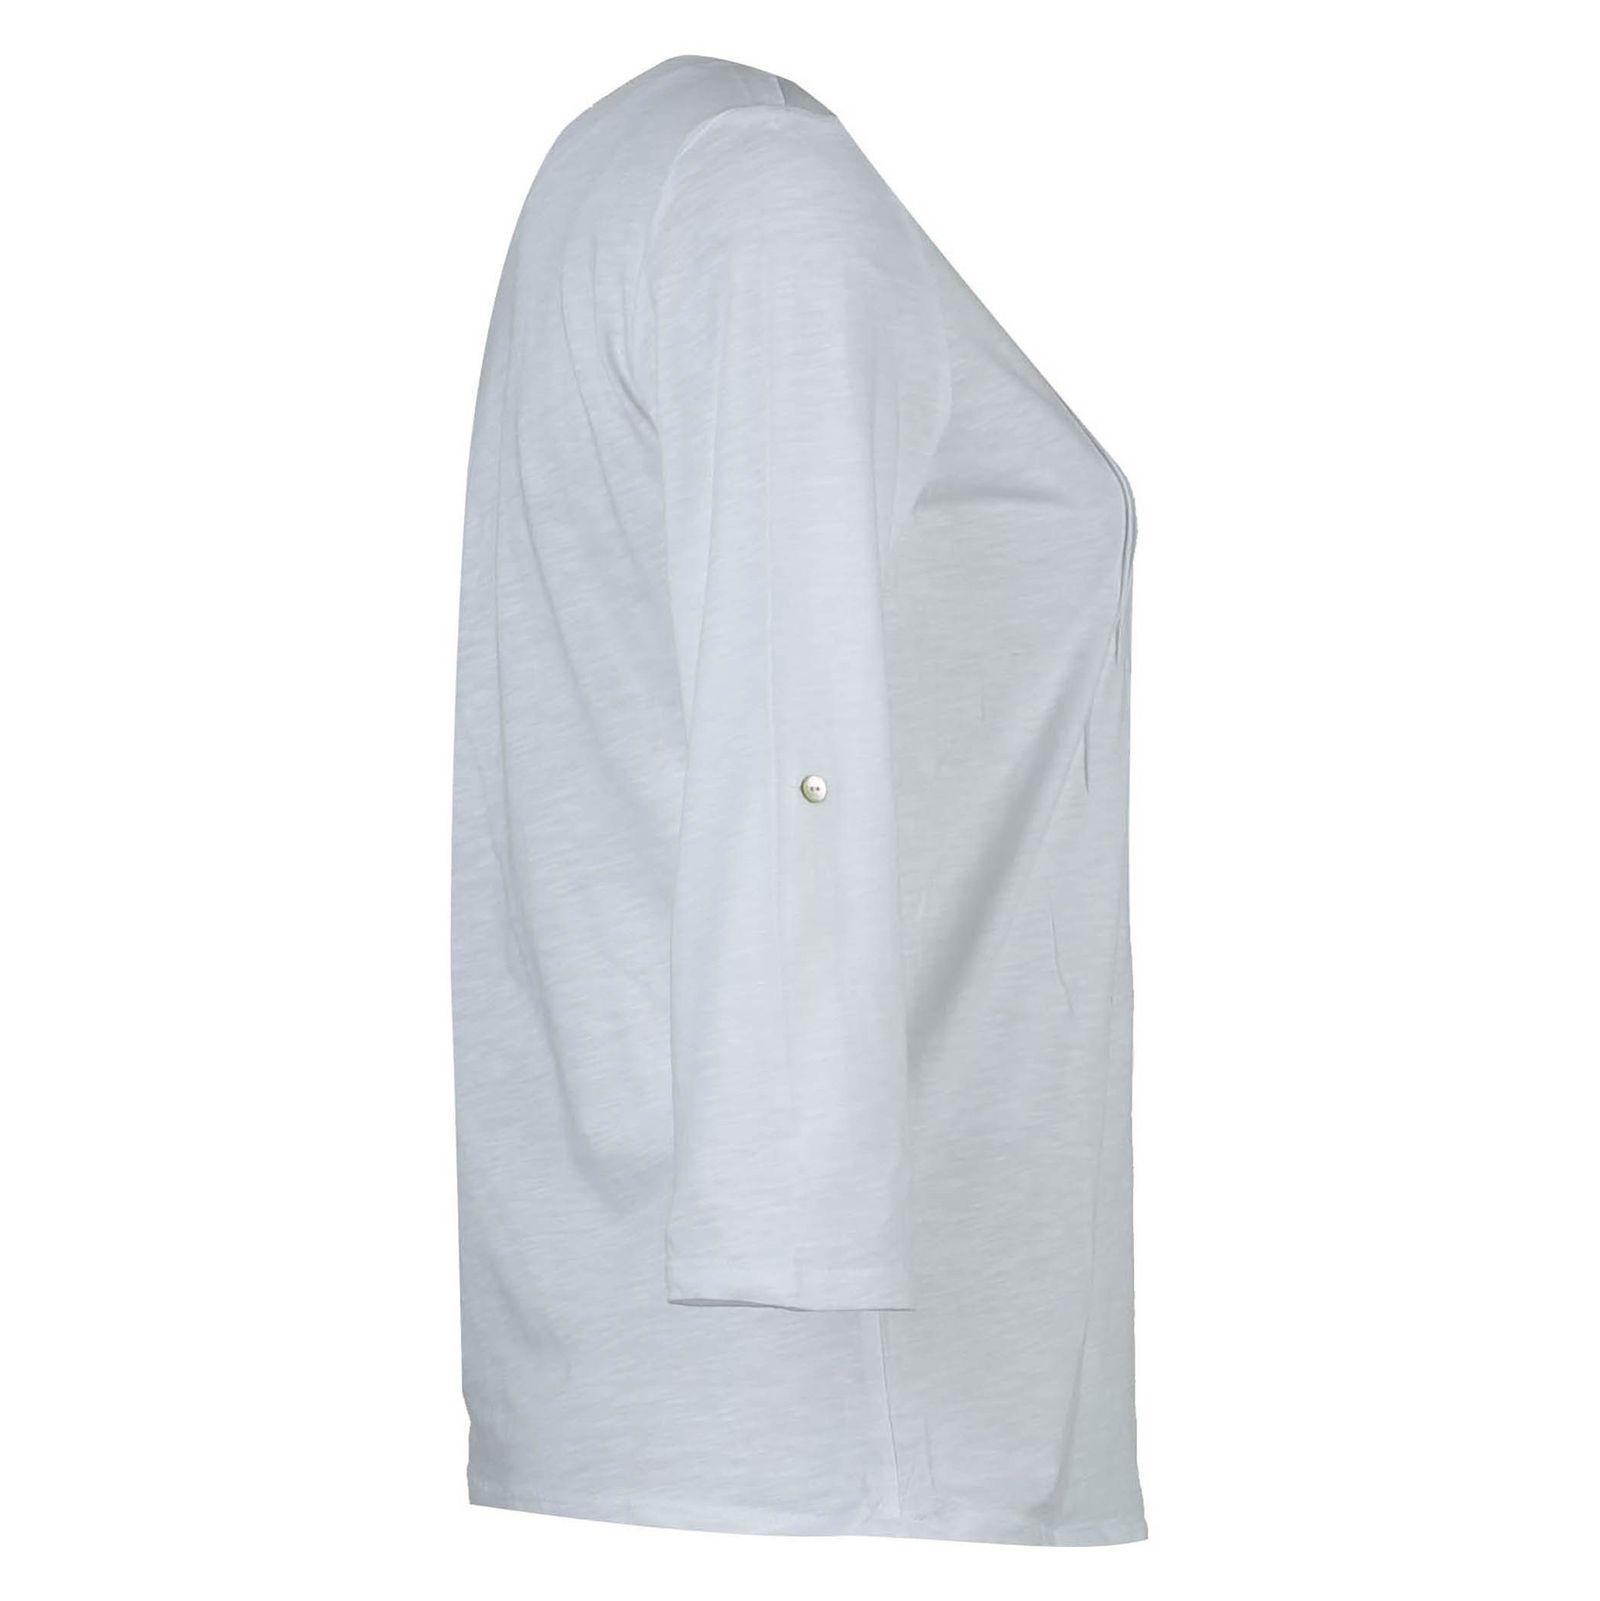 تی شرت نخی یقه گرد زنانه - یوپیم - سفيد - 2